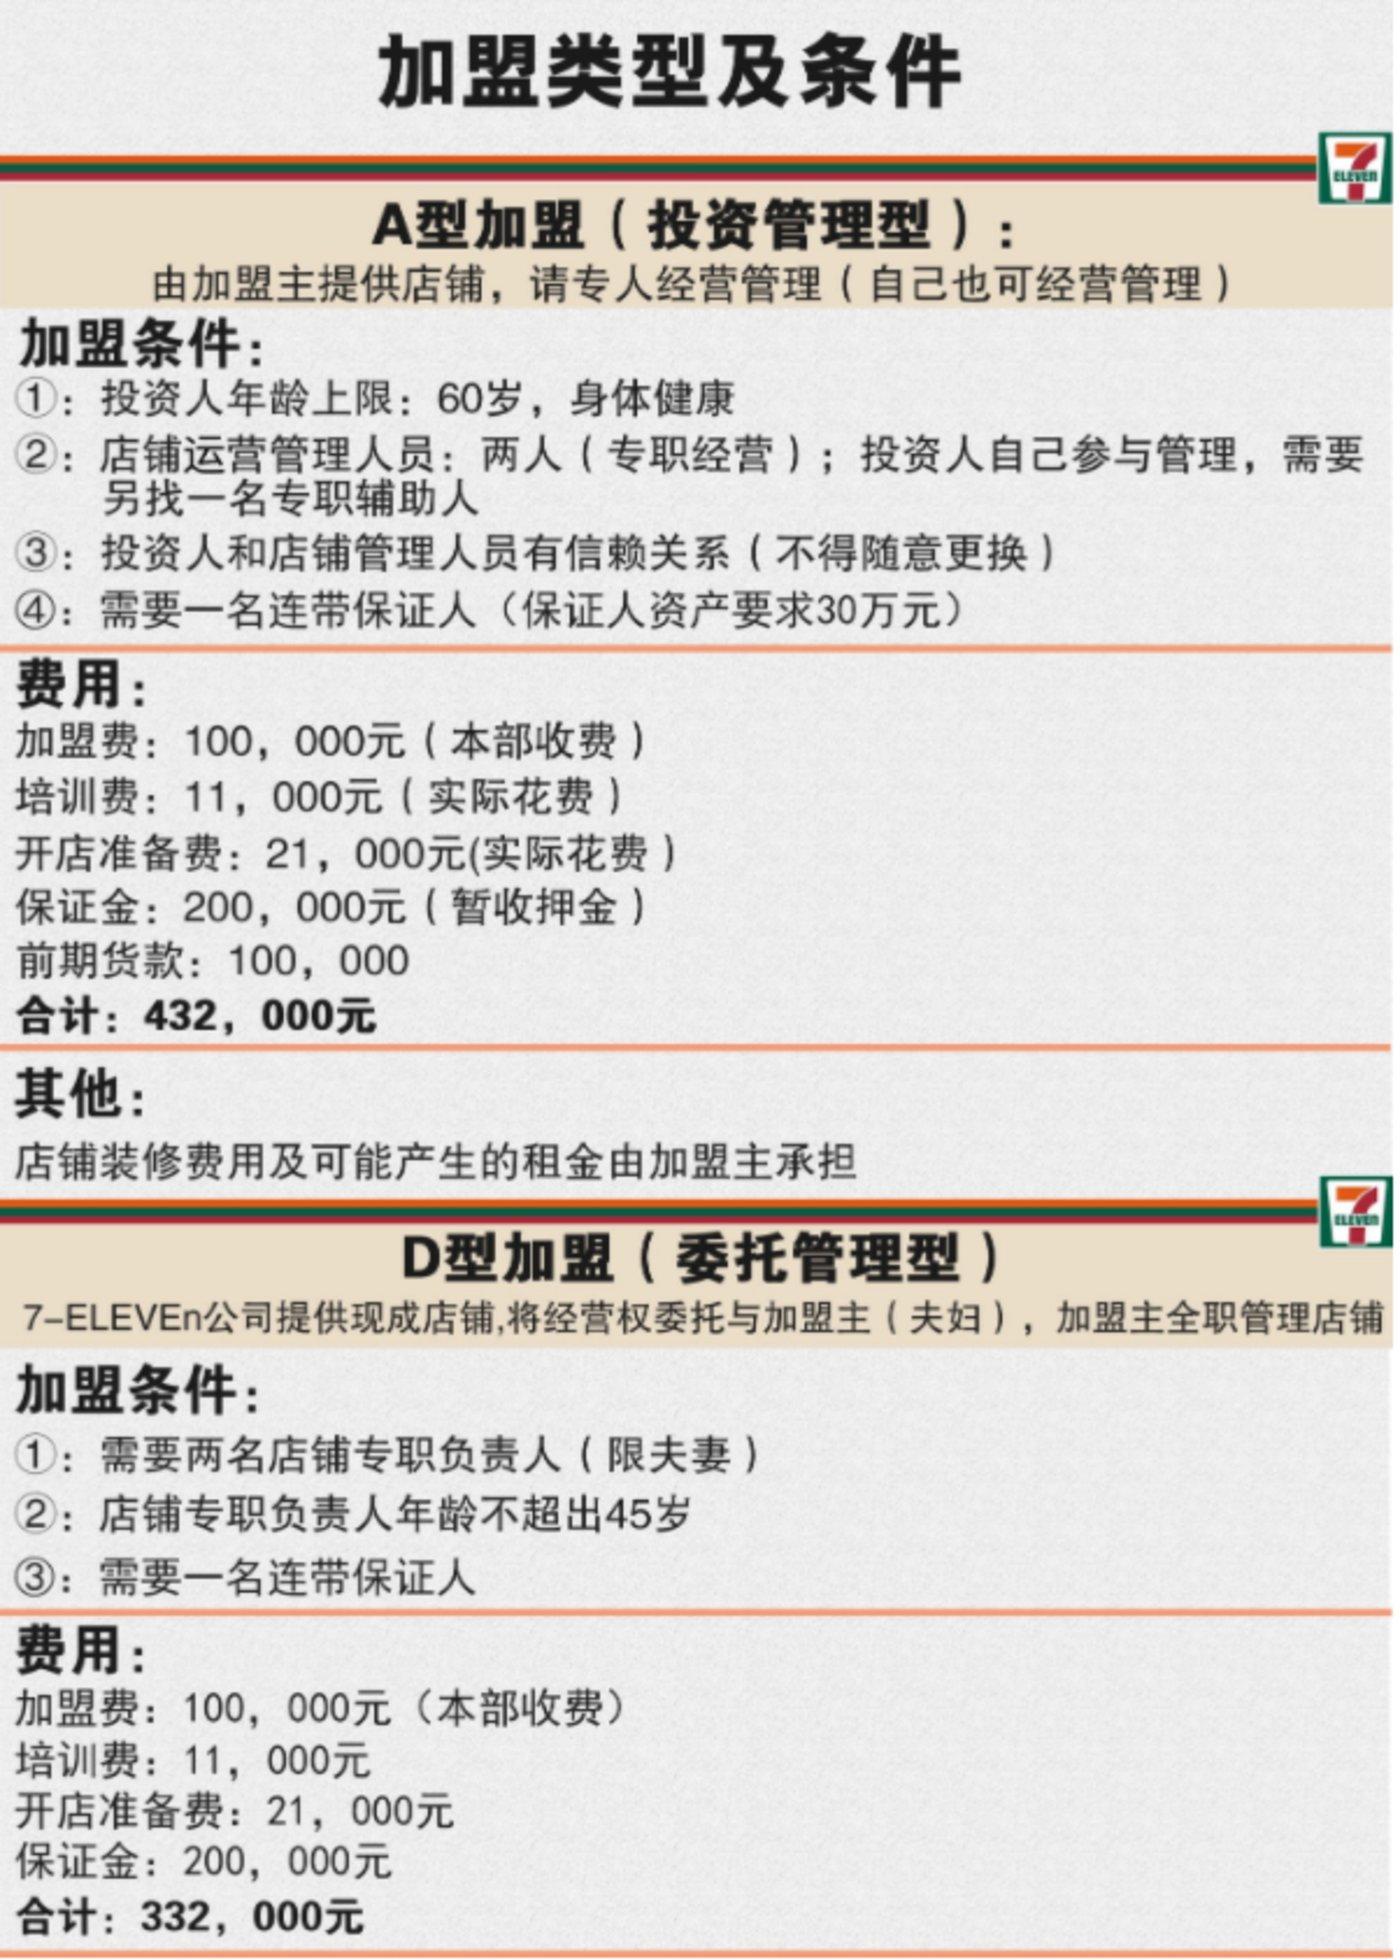 (7-11加盟模式)